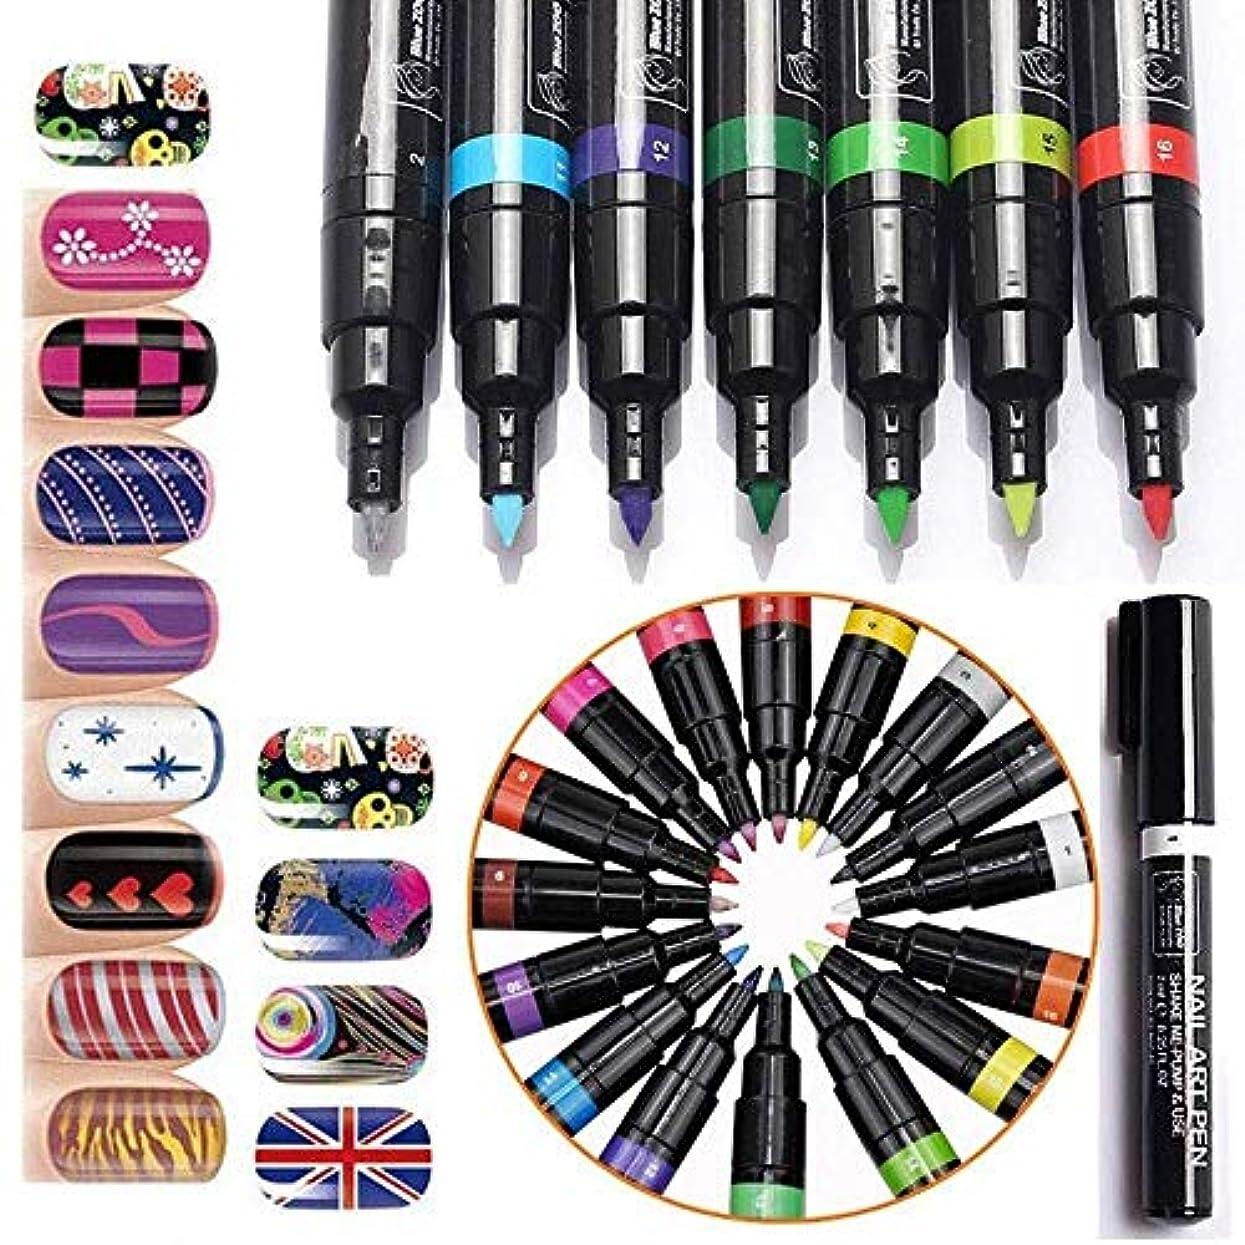 不実骨折受付カラー ネイルアートペン 3Dネイルペン ネイルアートペン ネイルマニキュア液 ペイントペン ペイント DIY 16色 装飾図面ドットポリッシュペン セット